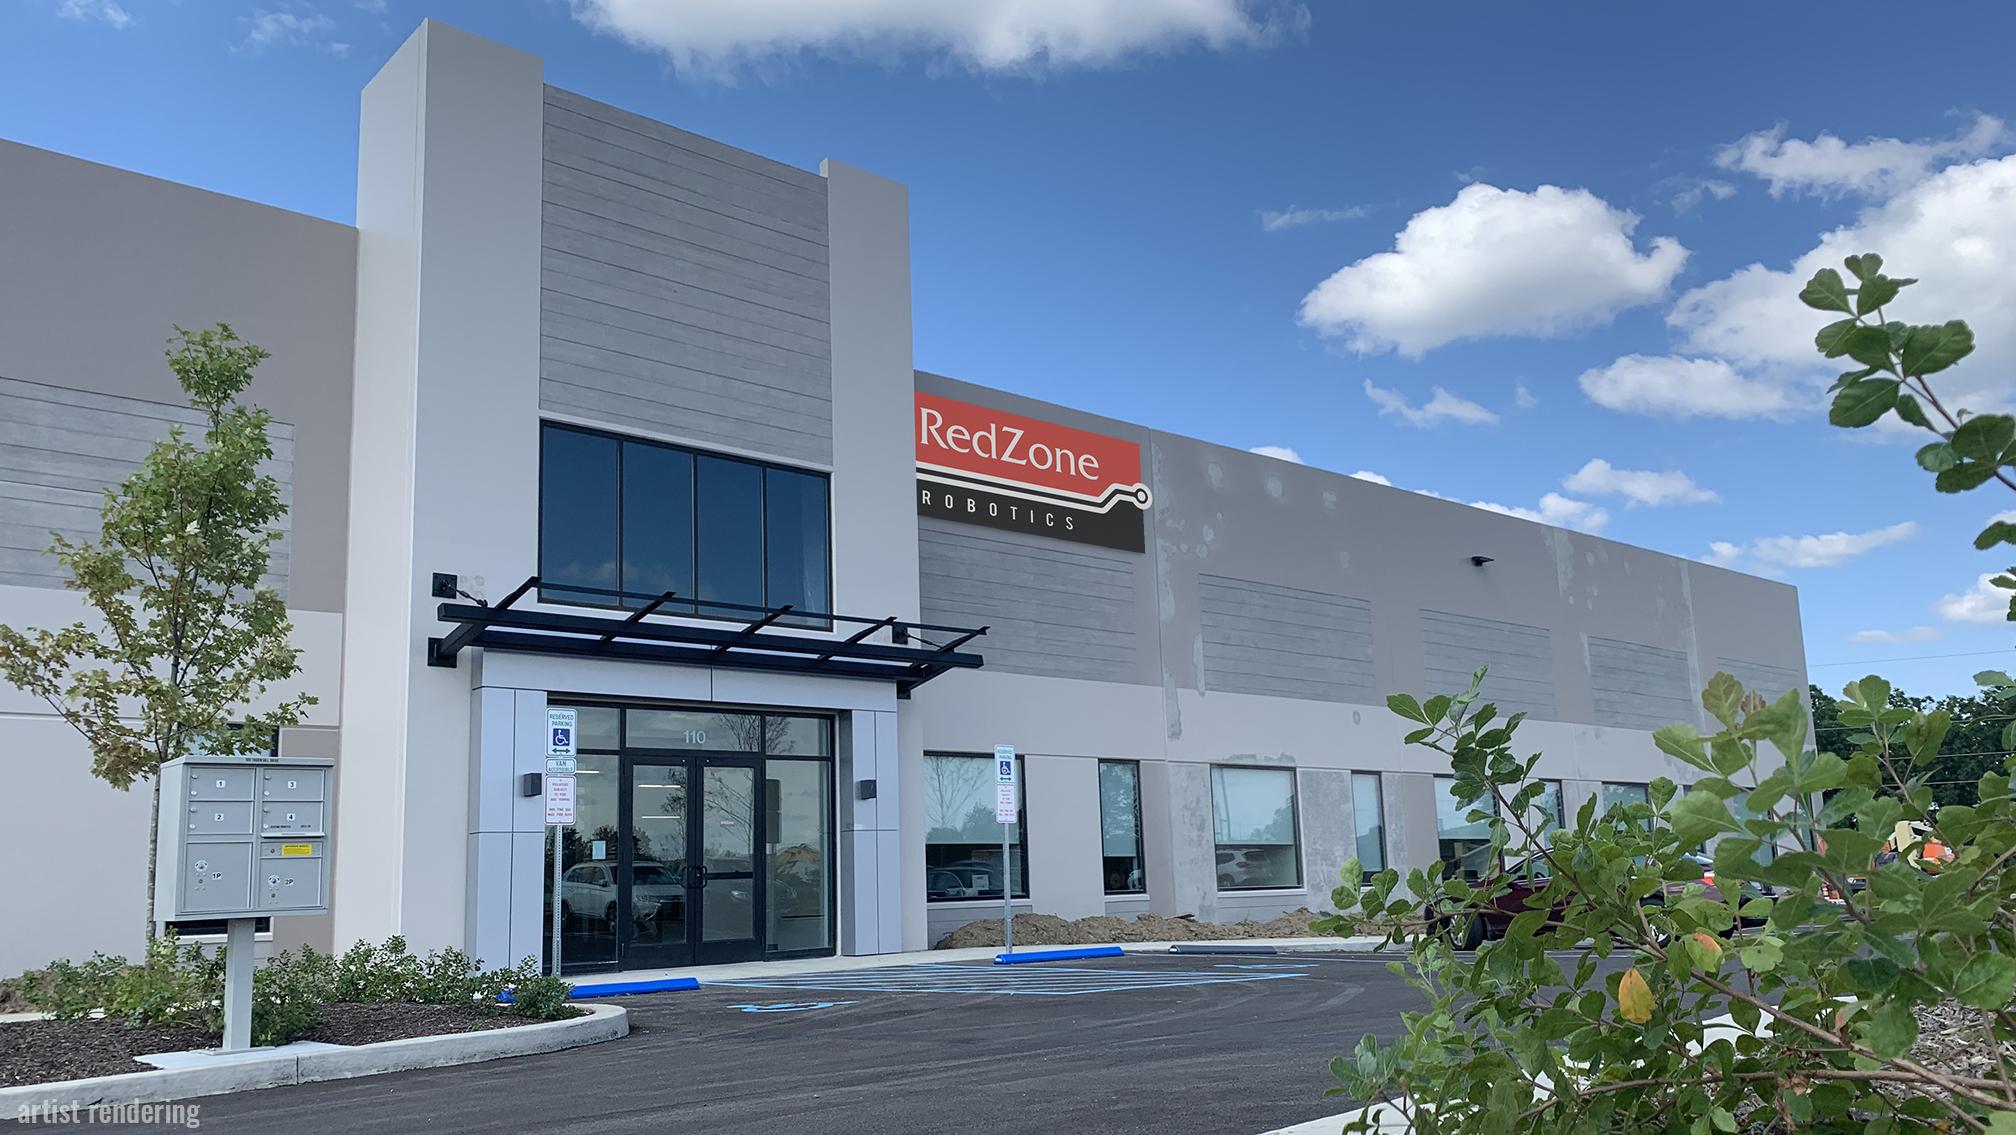 RedZone Robotics Moves to New Headquarters